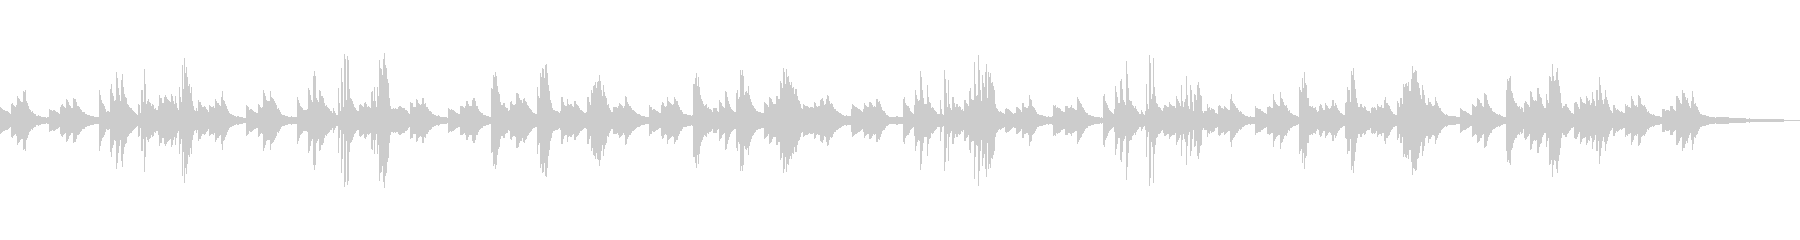 しっとり/静かな和風ピアノソロ25の未再生の波形